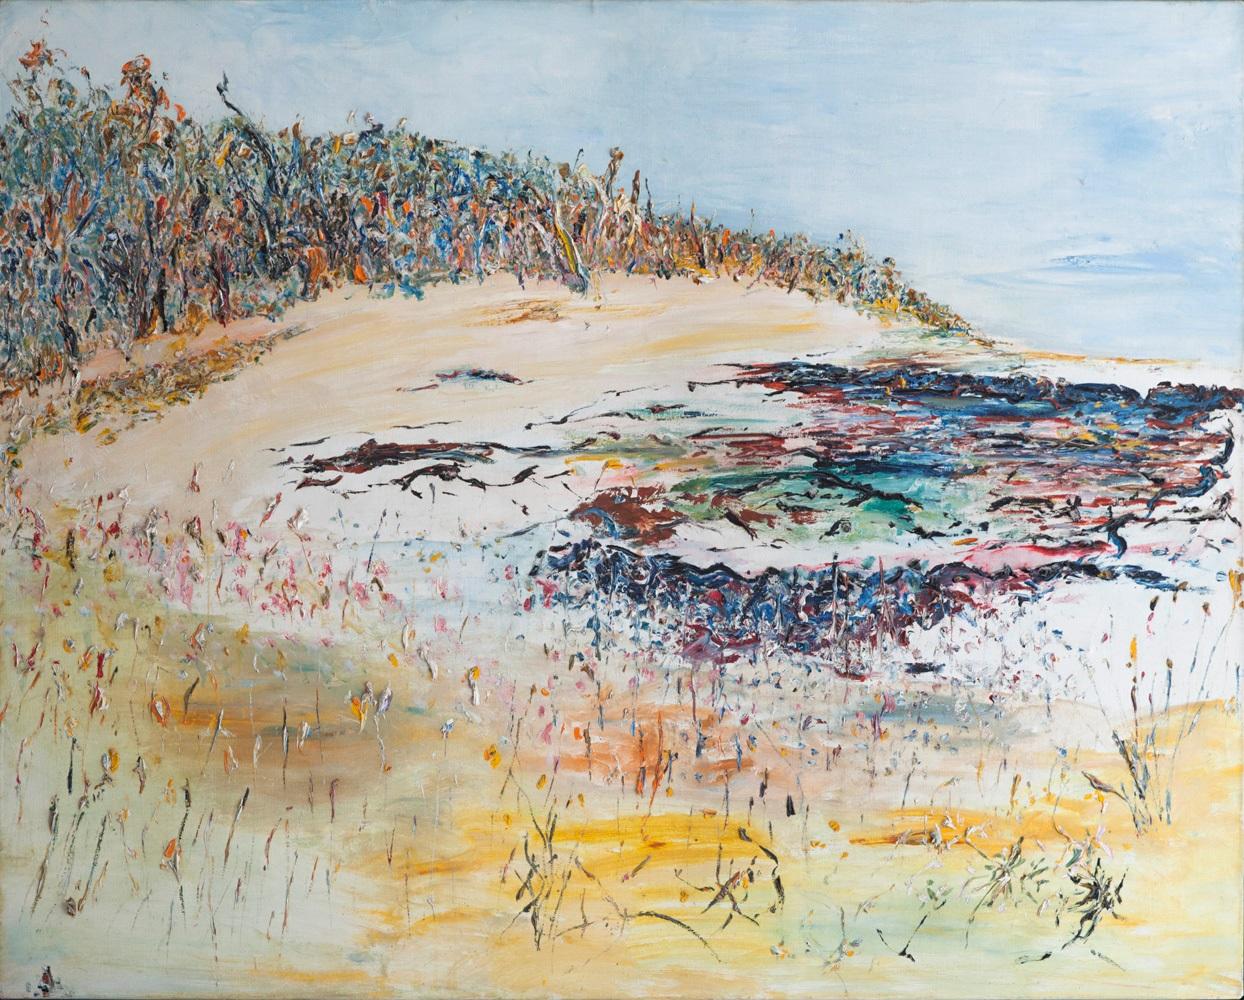 Hal Hattam, Tealeaf, Seaweed and Reef. oil on canvas, 125x160cm $25,000